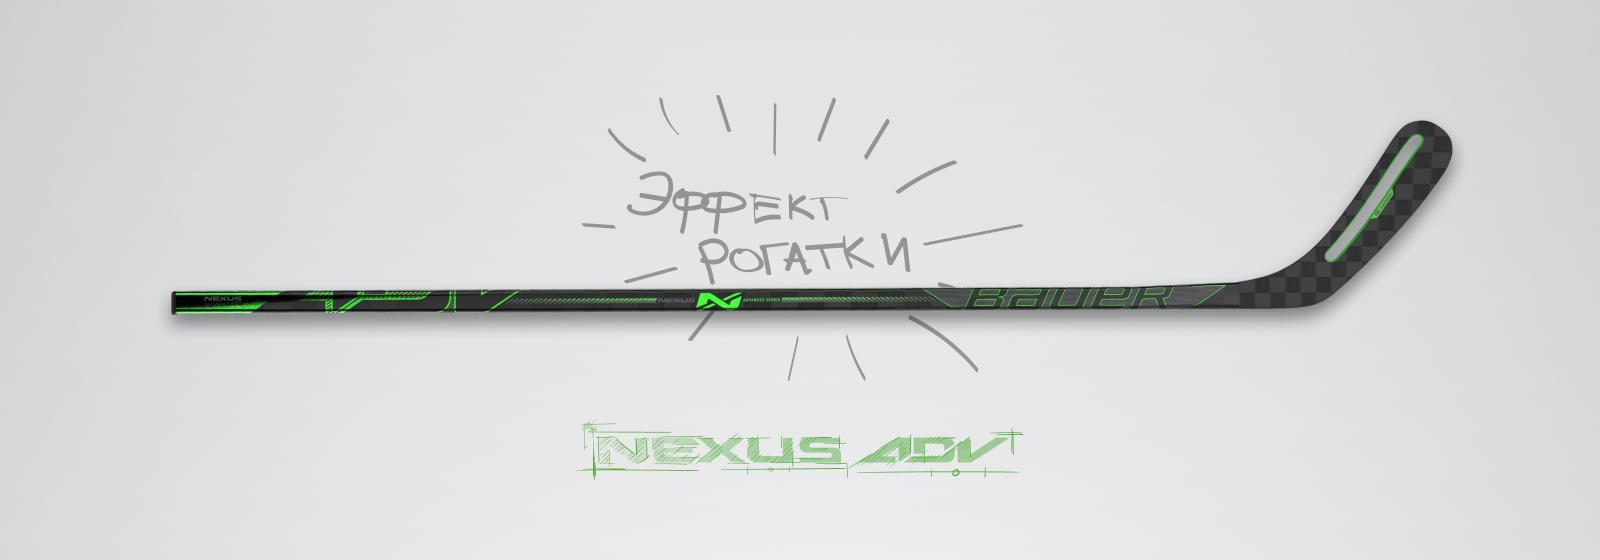 Nexus ADV